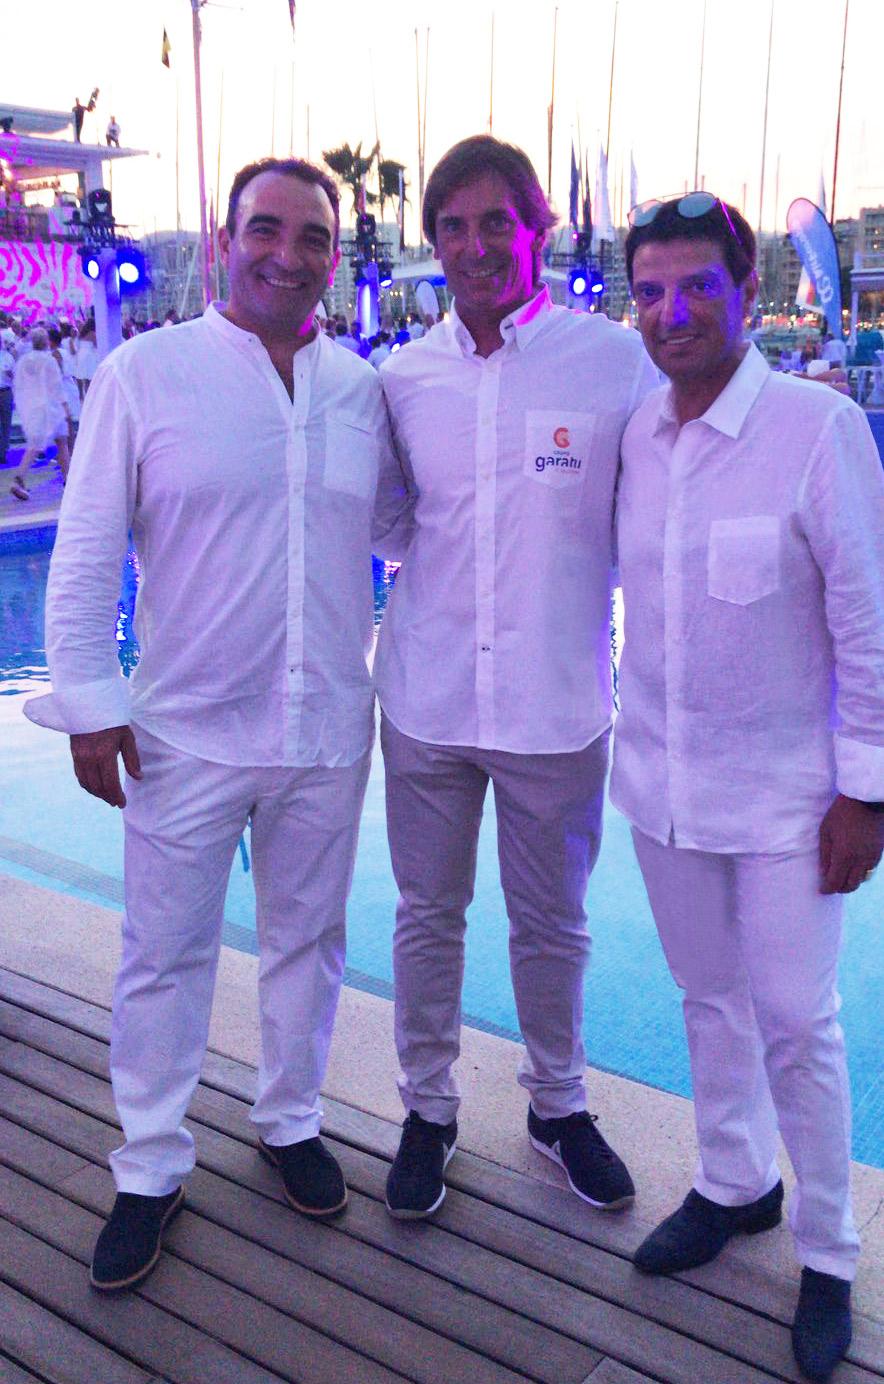 Juan Vazquez de Dios, CEO de Grupo Garatu con el equipo de J80 Iker Almandoz y Eneka Juanena en la cena de Armadores by Mapfre